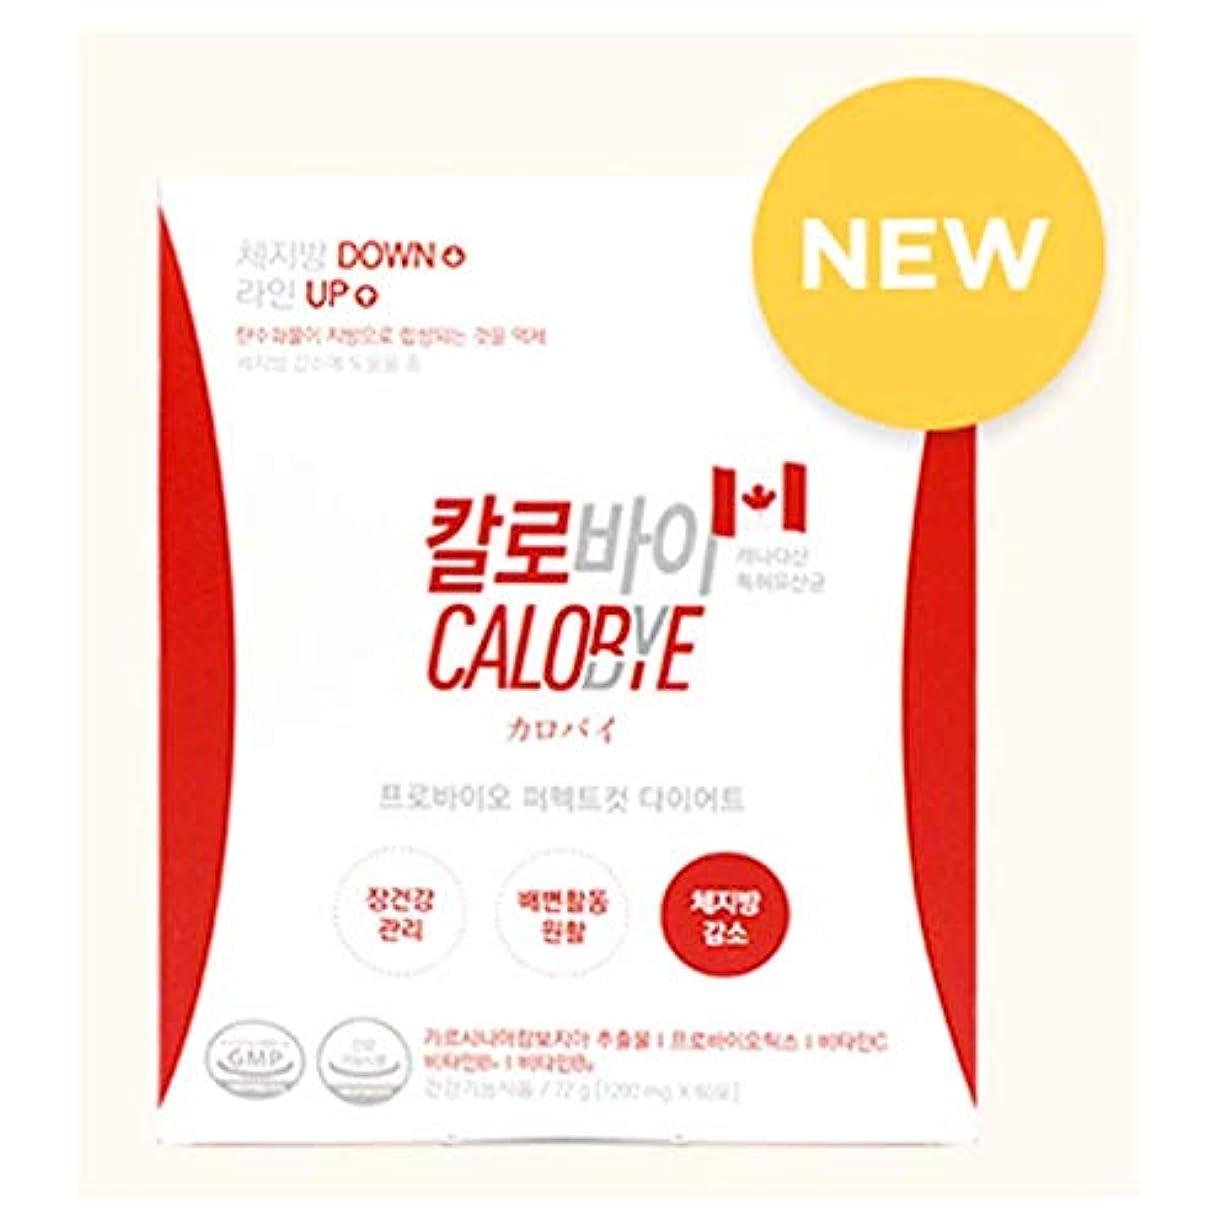 服を洗う邪魔するブルーベルNew CALOBYE Premium: 減量食薬 Weight Loss Diet for 1month (60 Pouch=240pills/2times in a Day Before a Meal) Made in...